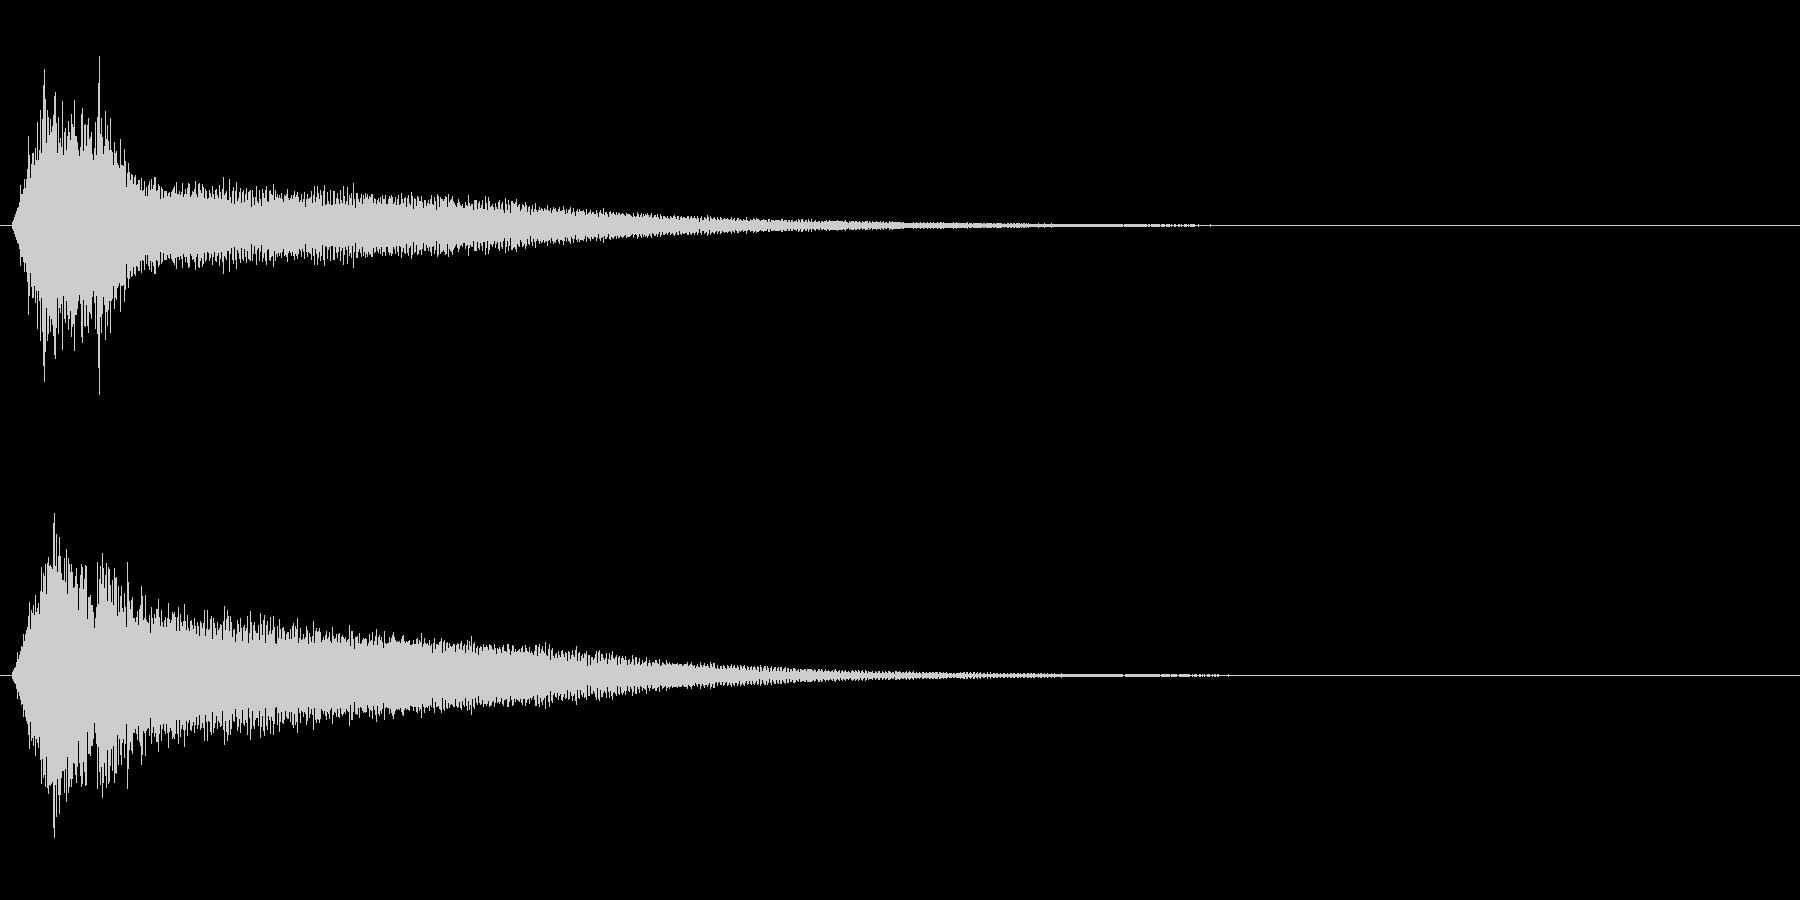 サスペンスに最適!ピアノの弦を弄ぶ音32の未再生の波形